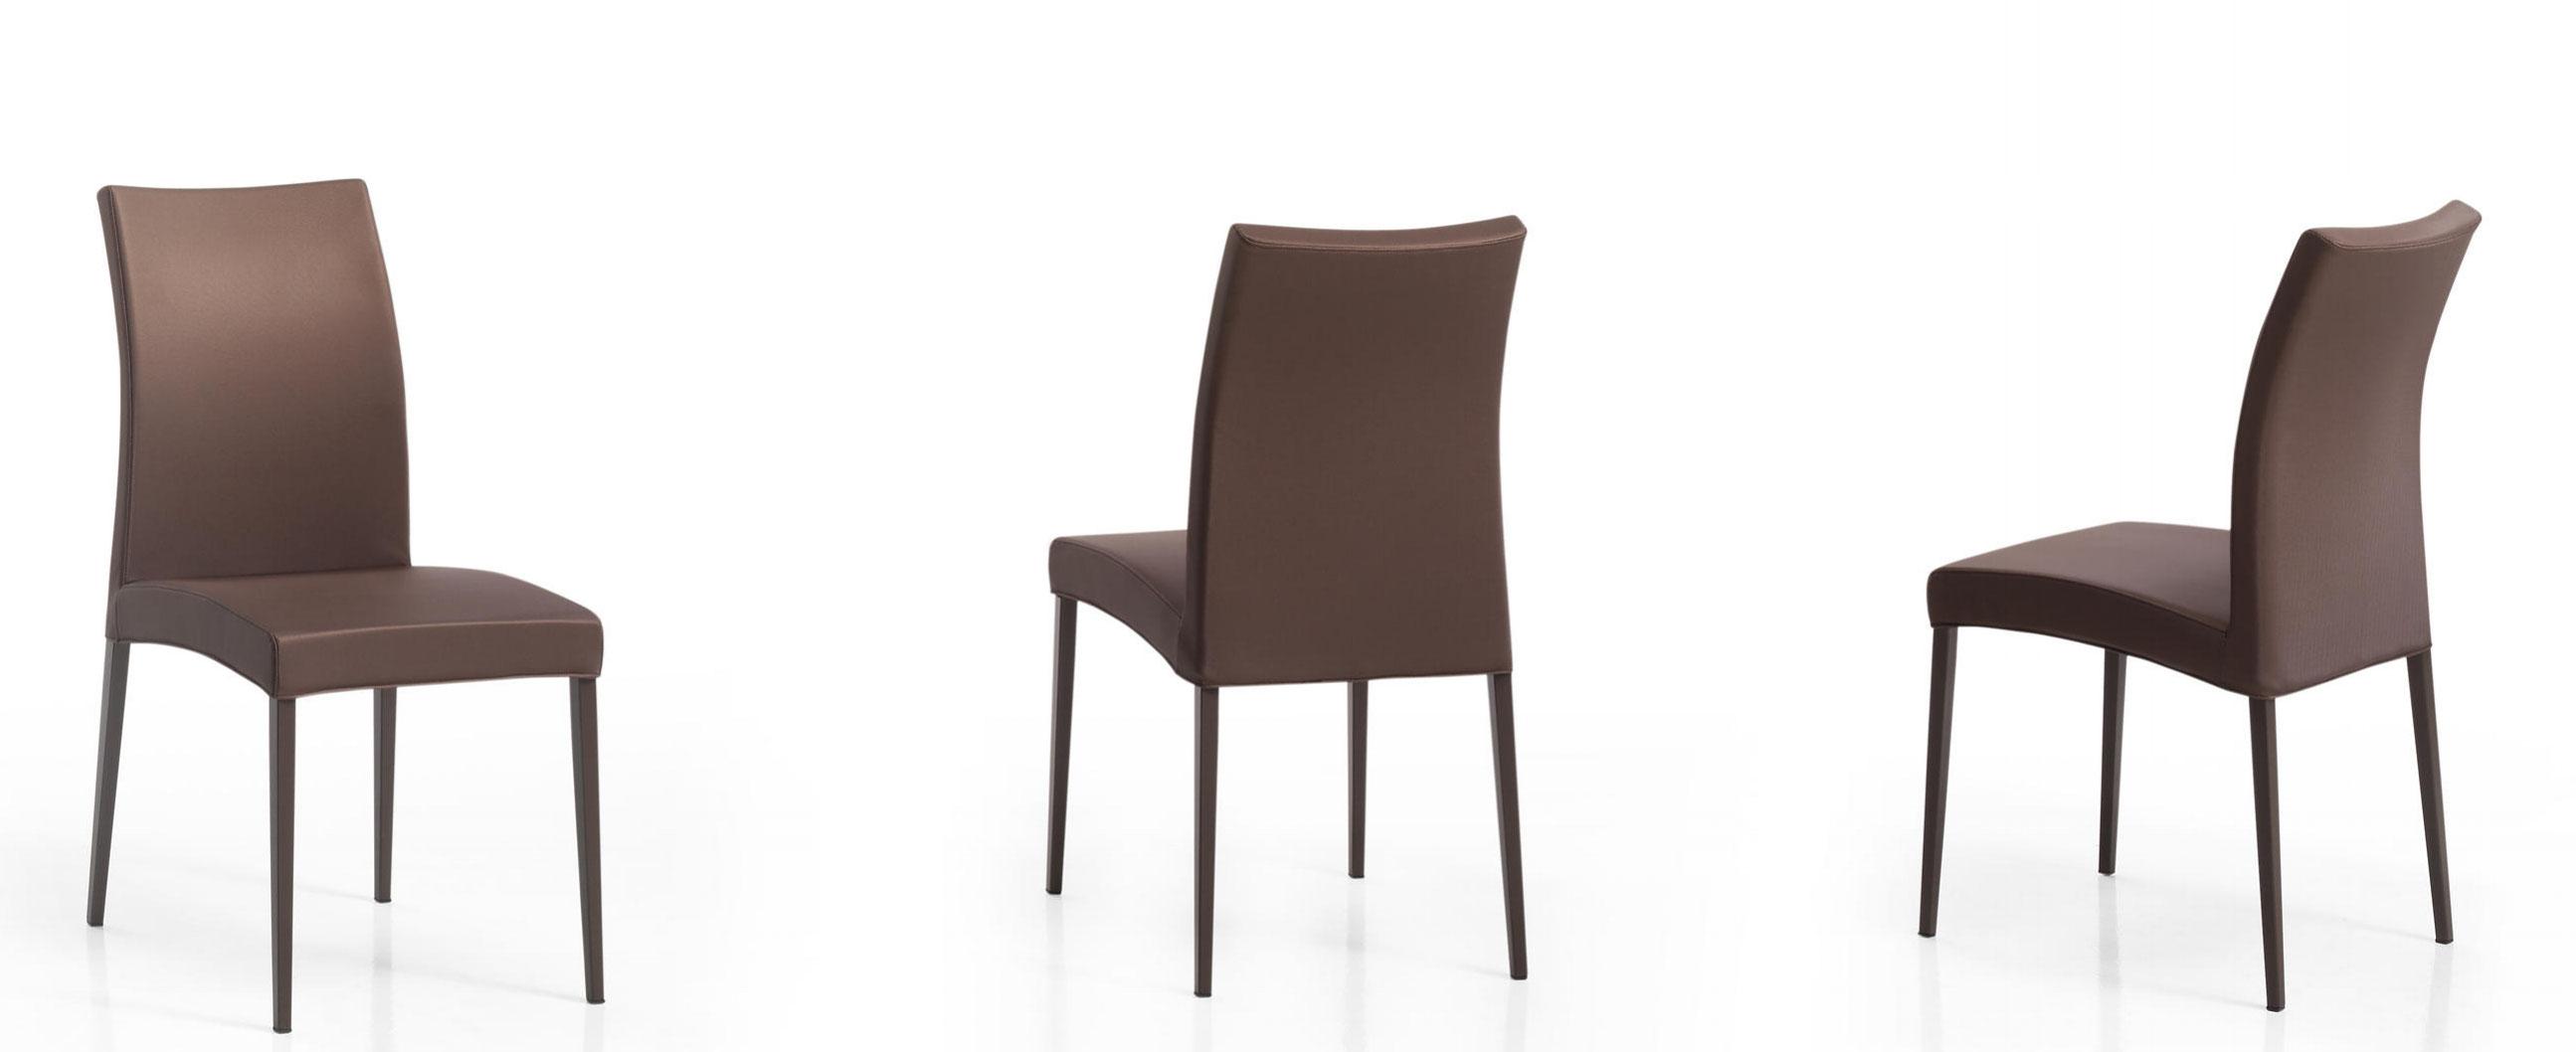 Elis mobliberica la cadira tienda de sillas barcelona sillas de estilo barcelona sillas de - Cadira barcelona ...